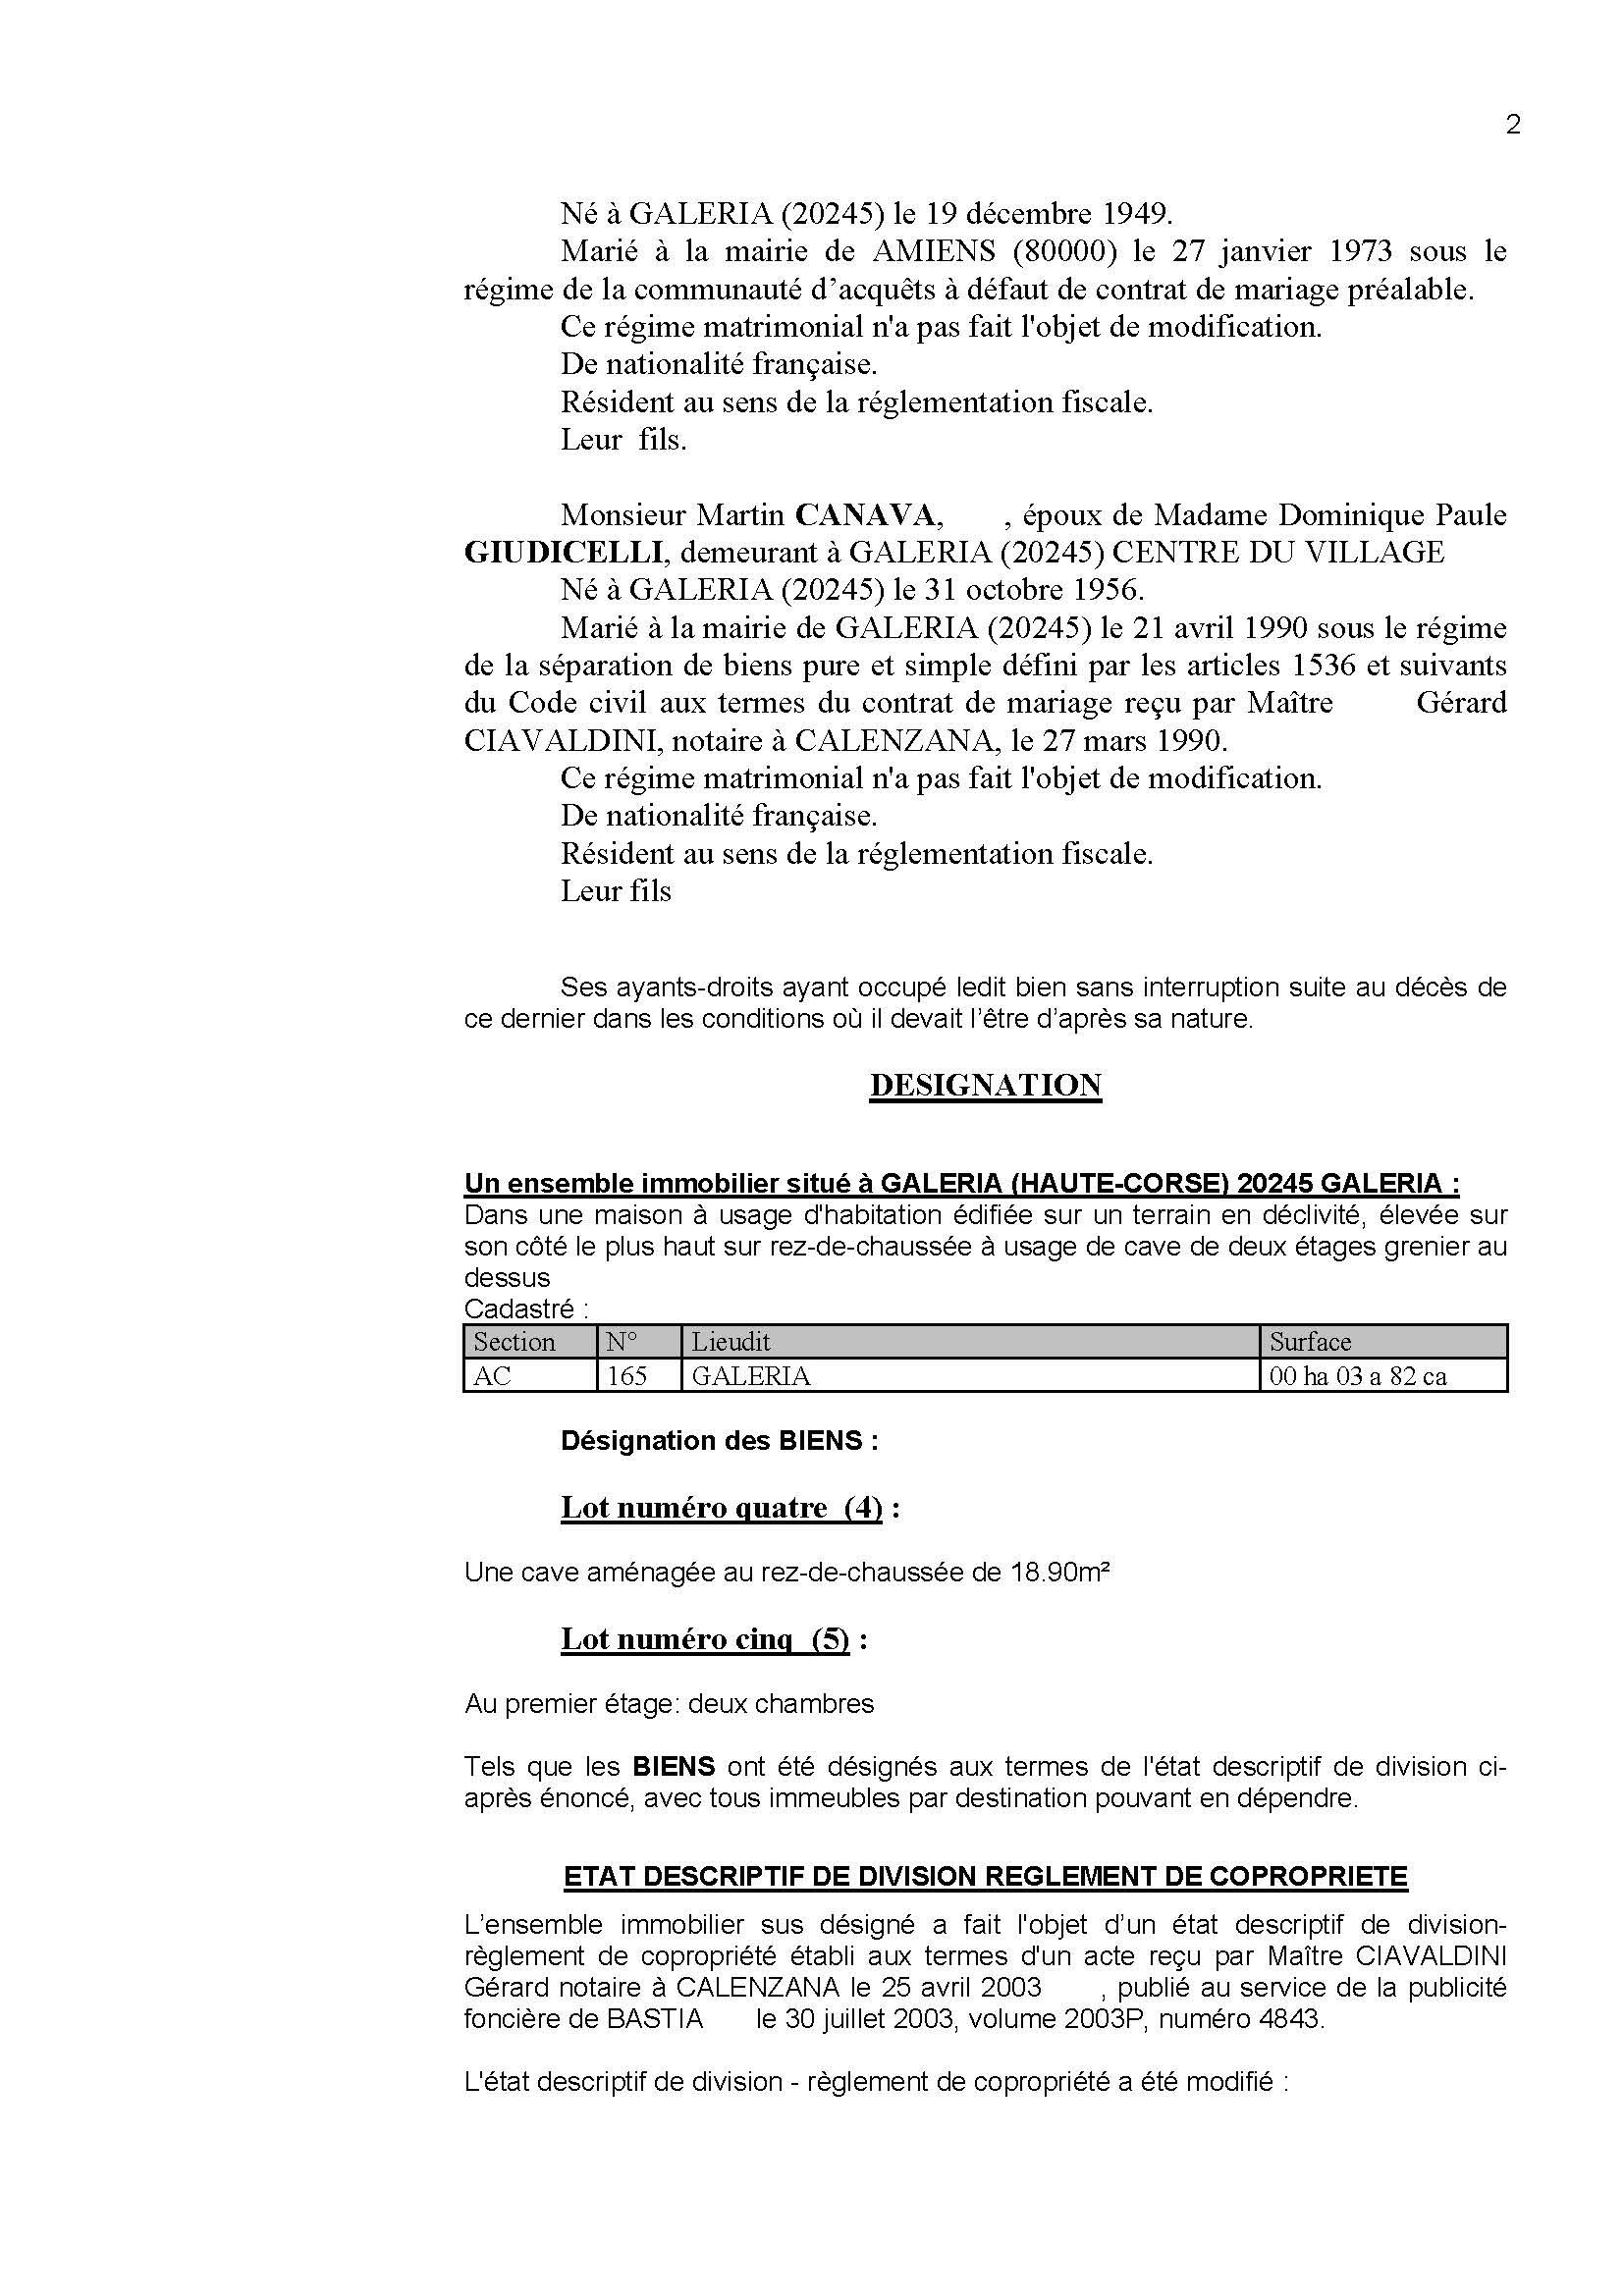 Avis de création de titre de propriété - Commune de Galeria (Haute-Corse)